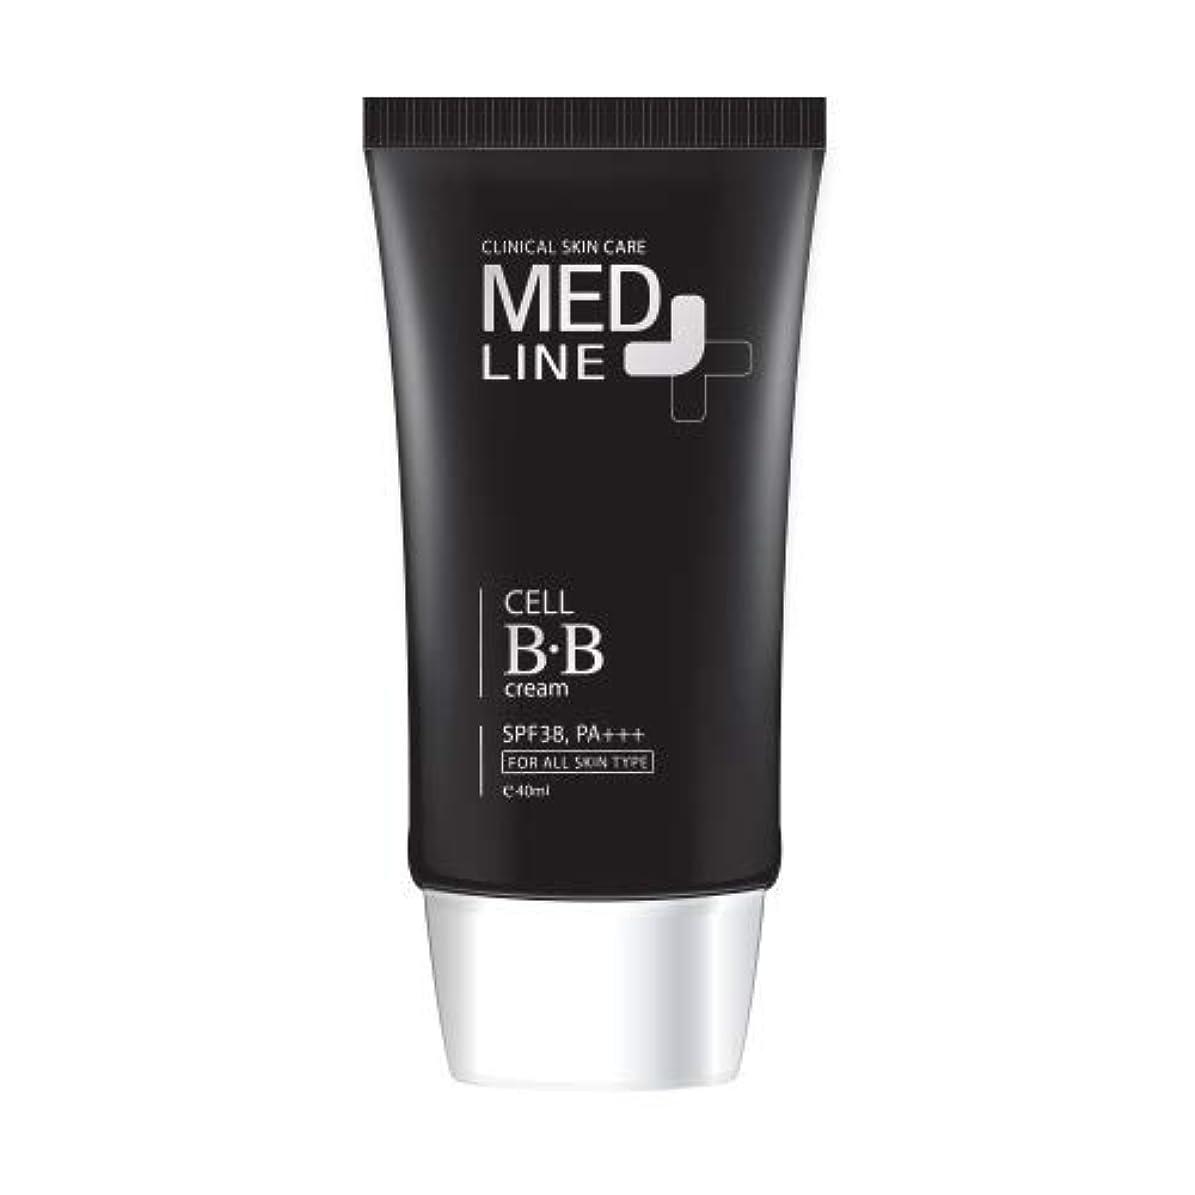 風刺ファランクス戻るメドライン(Med Line) セルBBクリーム(Cell B.B Cream)